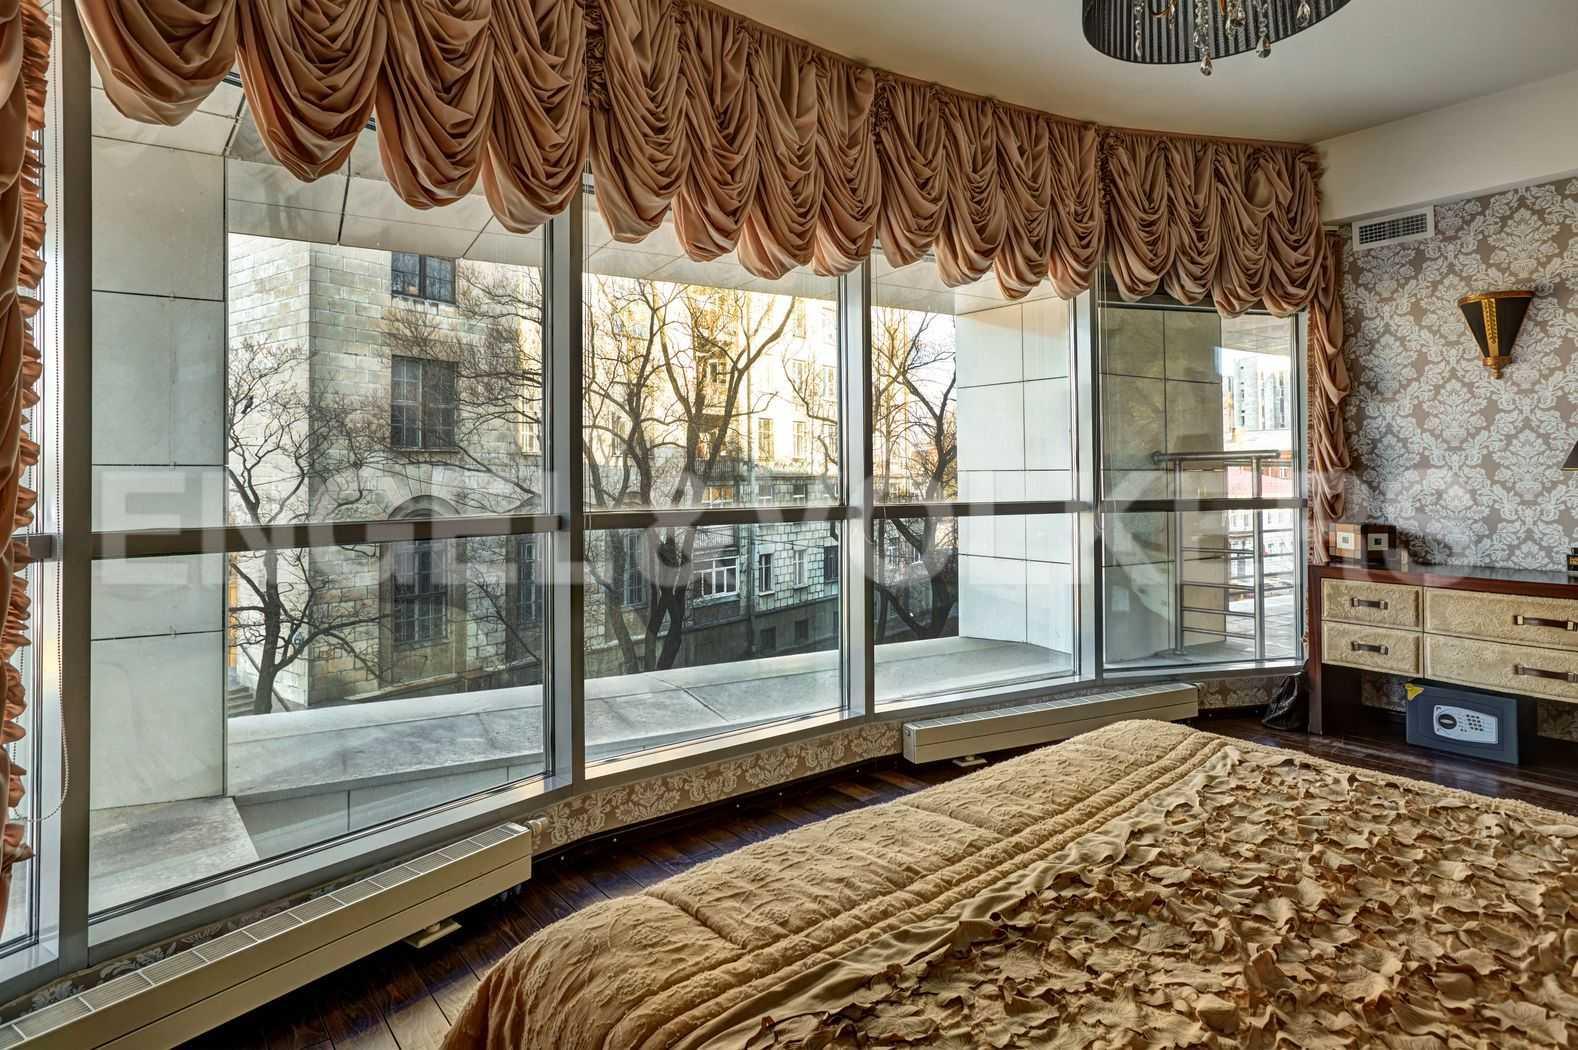 Элитные квартиры в Петроградском районе. Санкт-Петербург, Песочная наб. 18. Вид из спальни